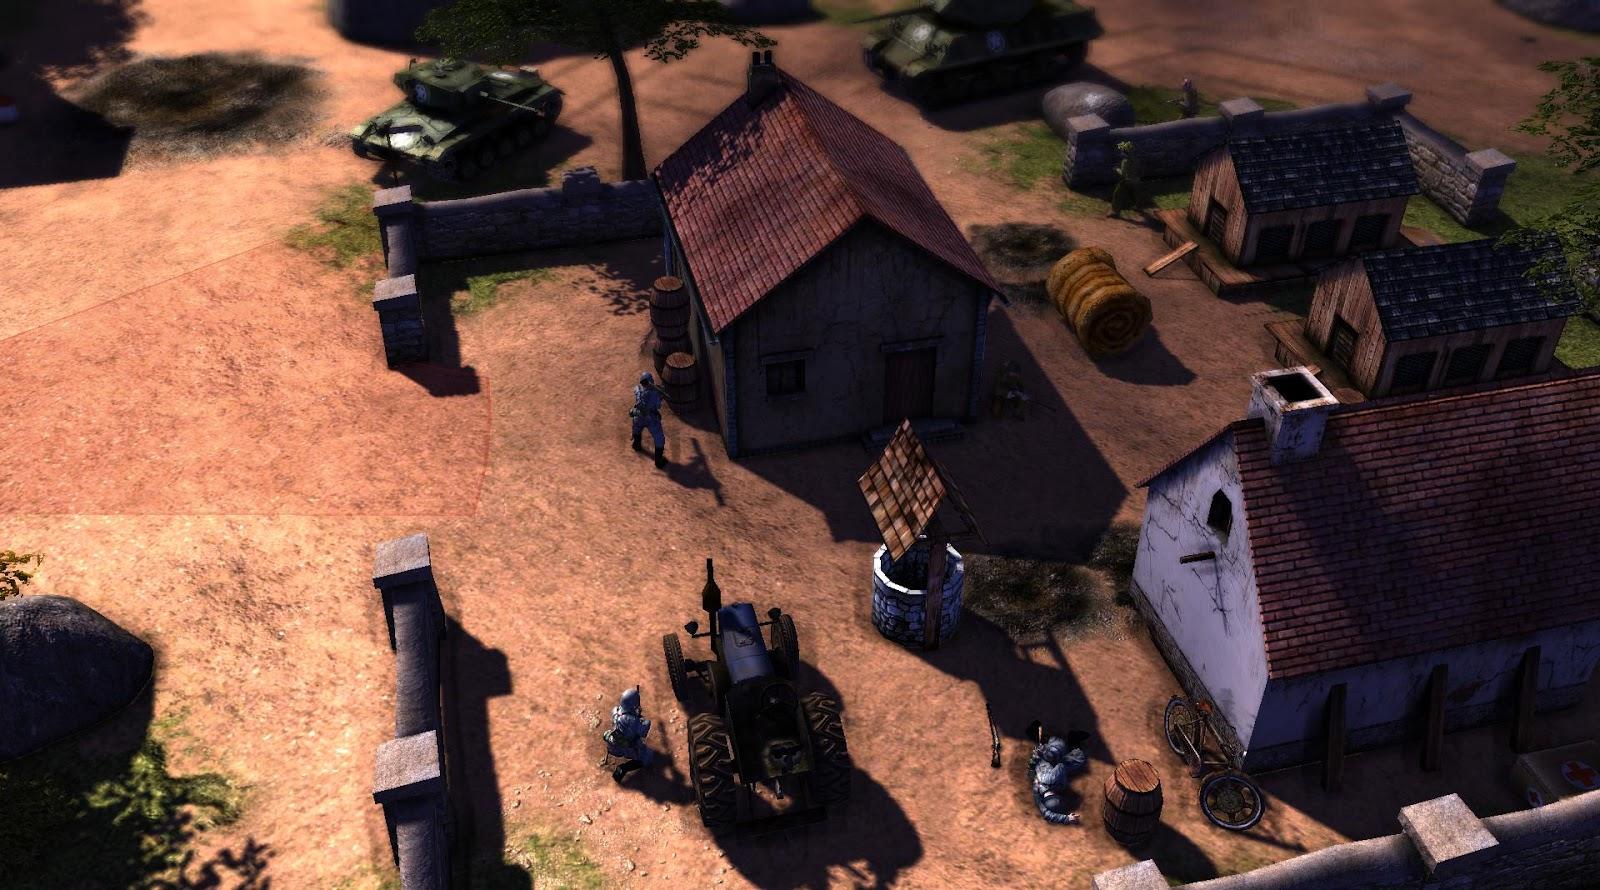 http://4.bp.blogspot.com/-z-MxvcGybv0/UJJMe8ROHQI/AAAAAAAAKpw/0Tg1cJGVSco/s1600/game-2012-09-20-11-03-16-89jpg-fcde15.jpg